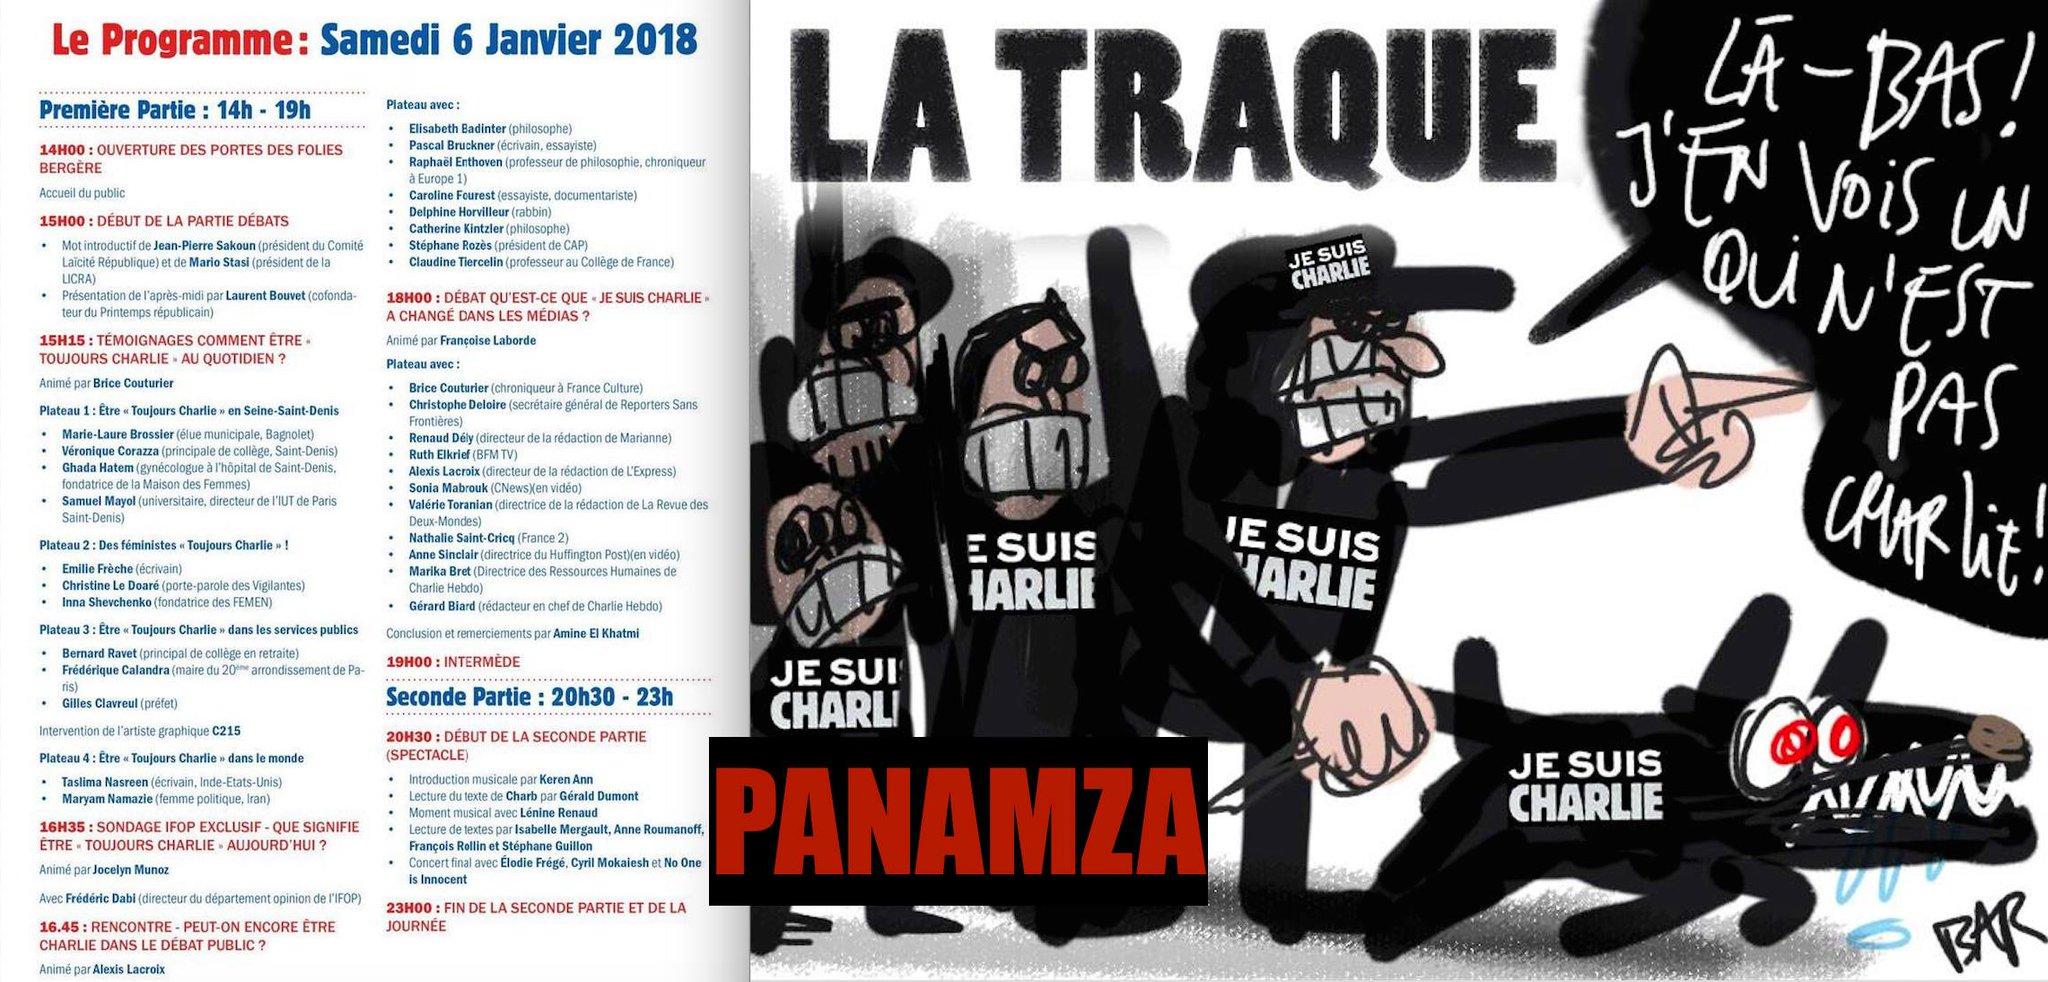 Les derniers soldats de Valls : découvrez les agents du